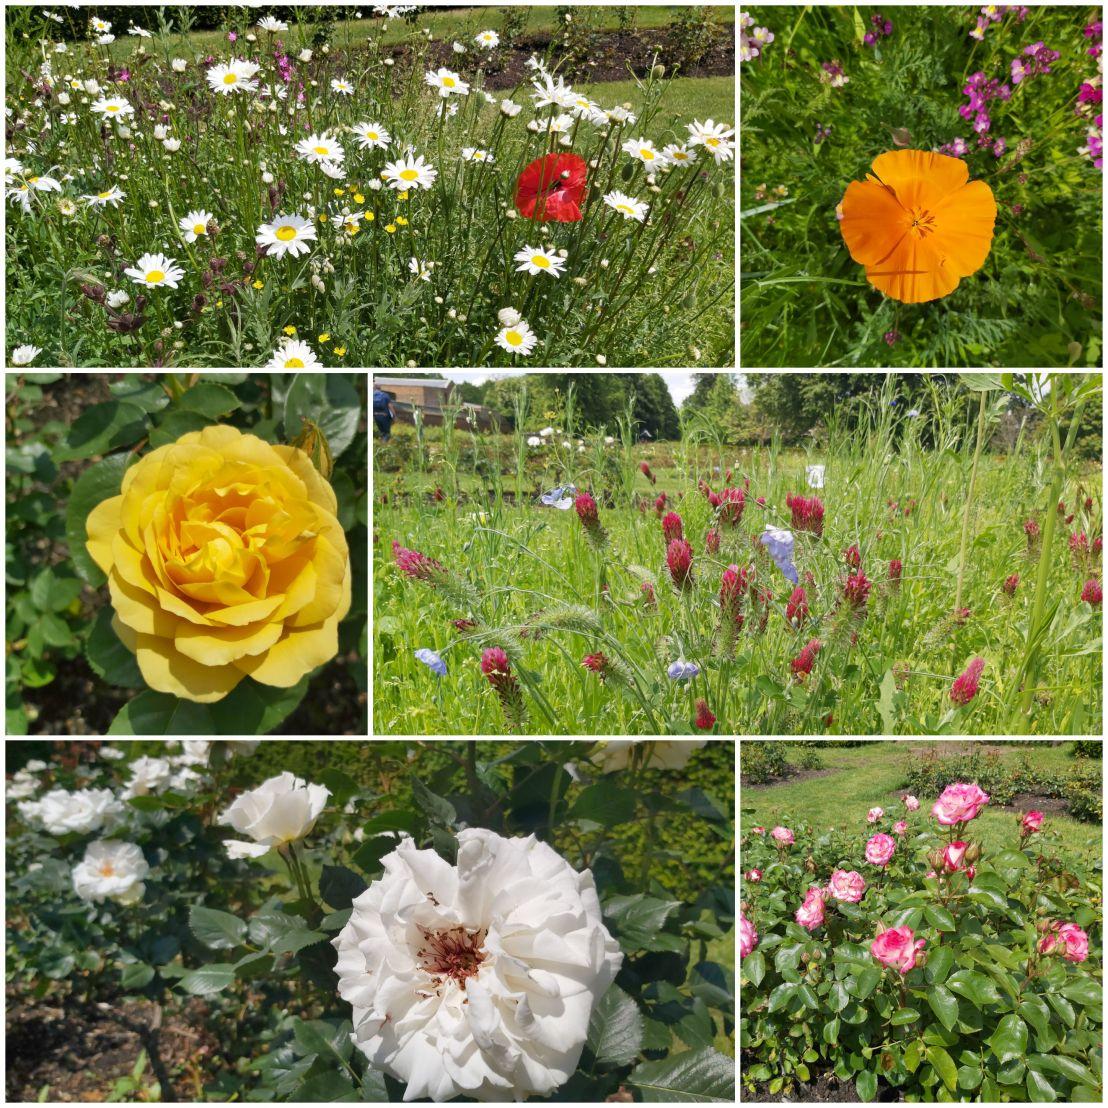 Flowers in Greenwich Park Rose Garden